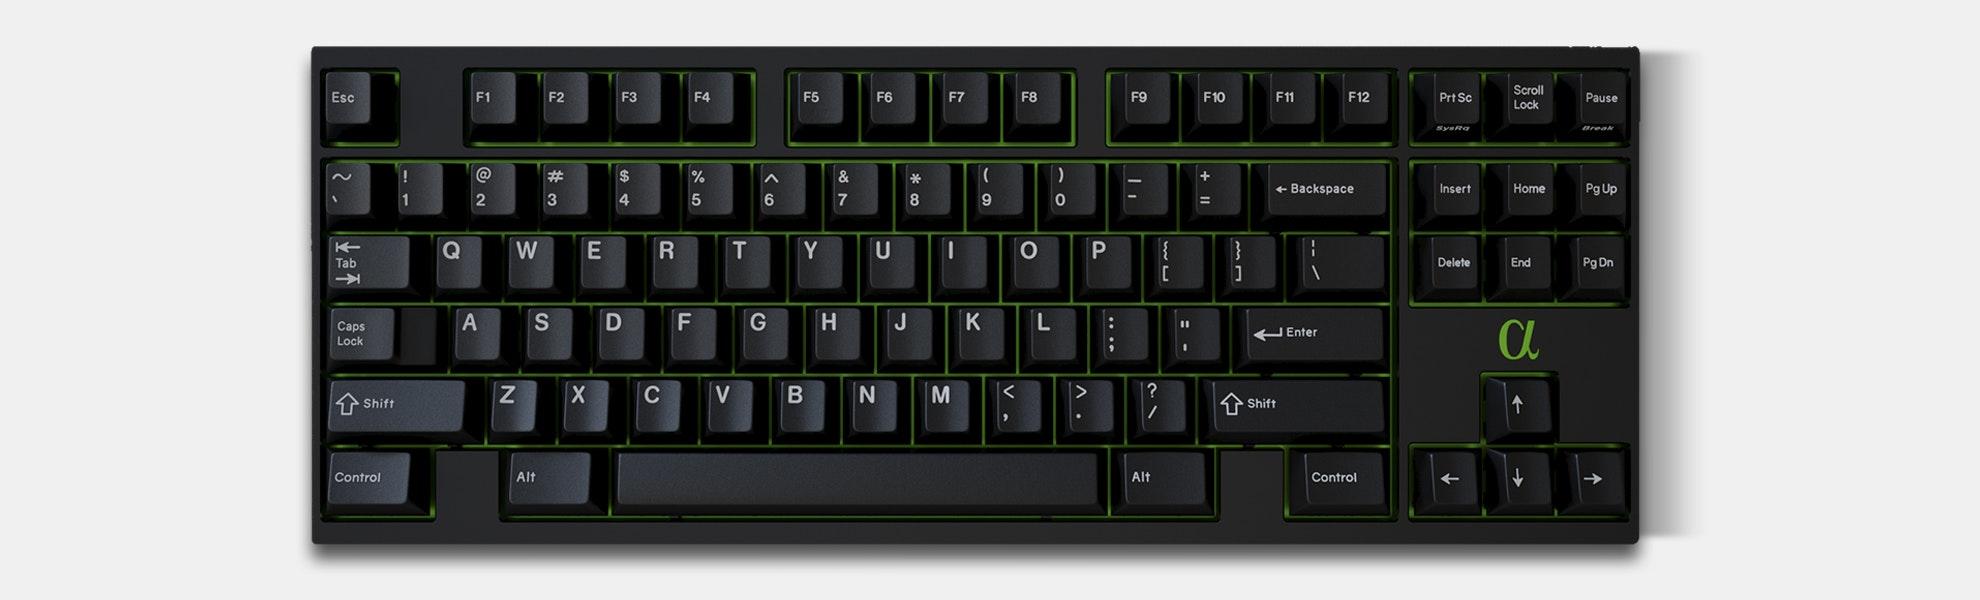 GMK White on Black Custom Keycap Set